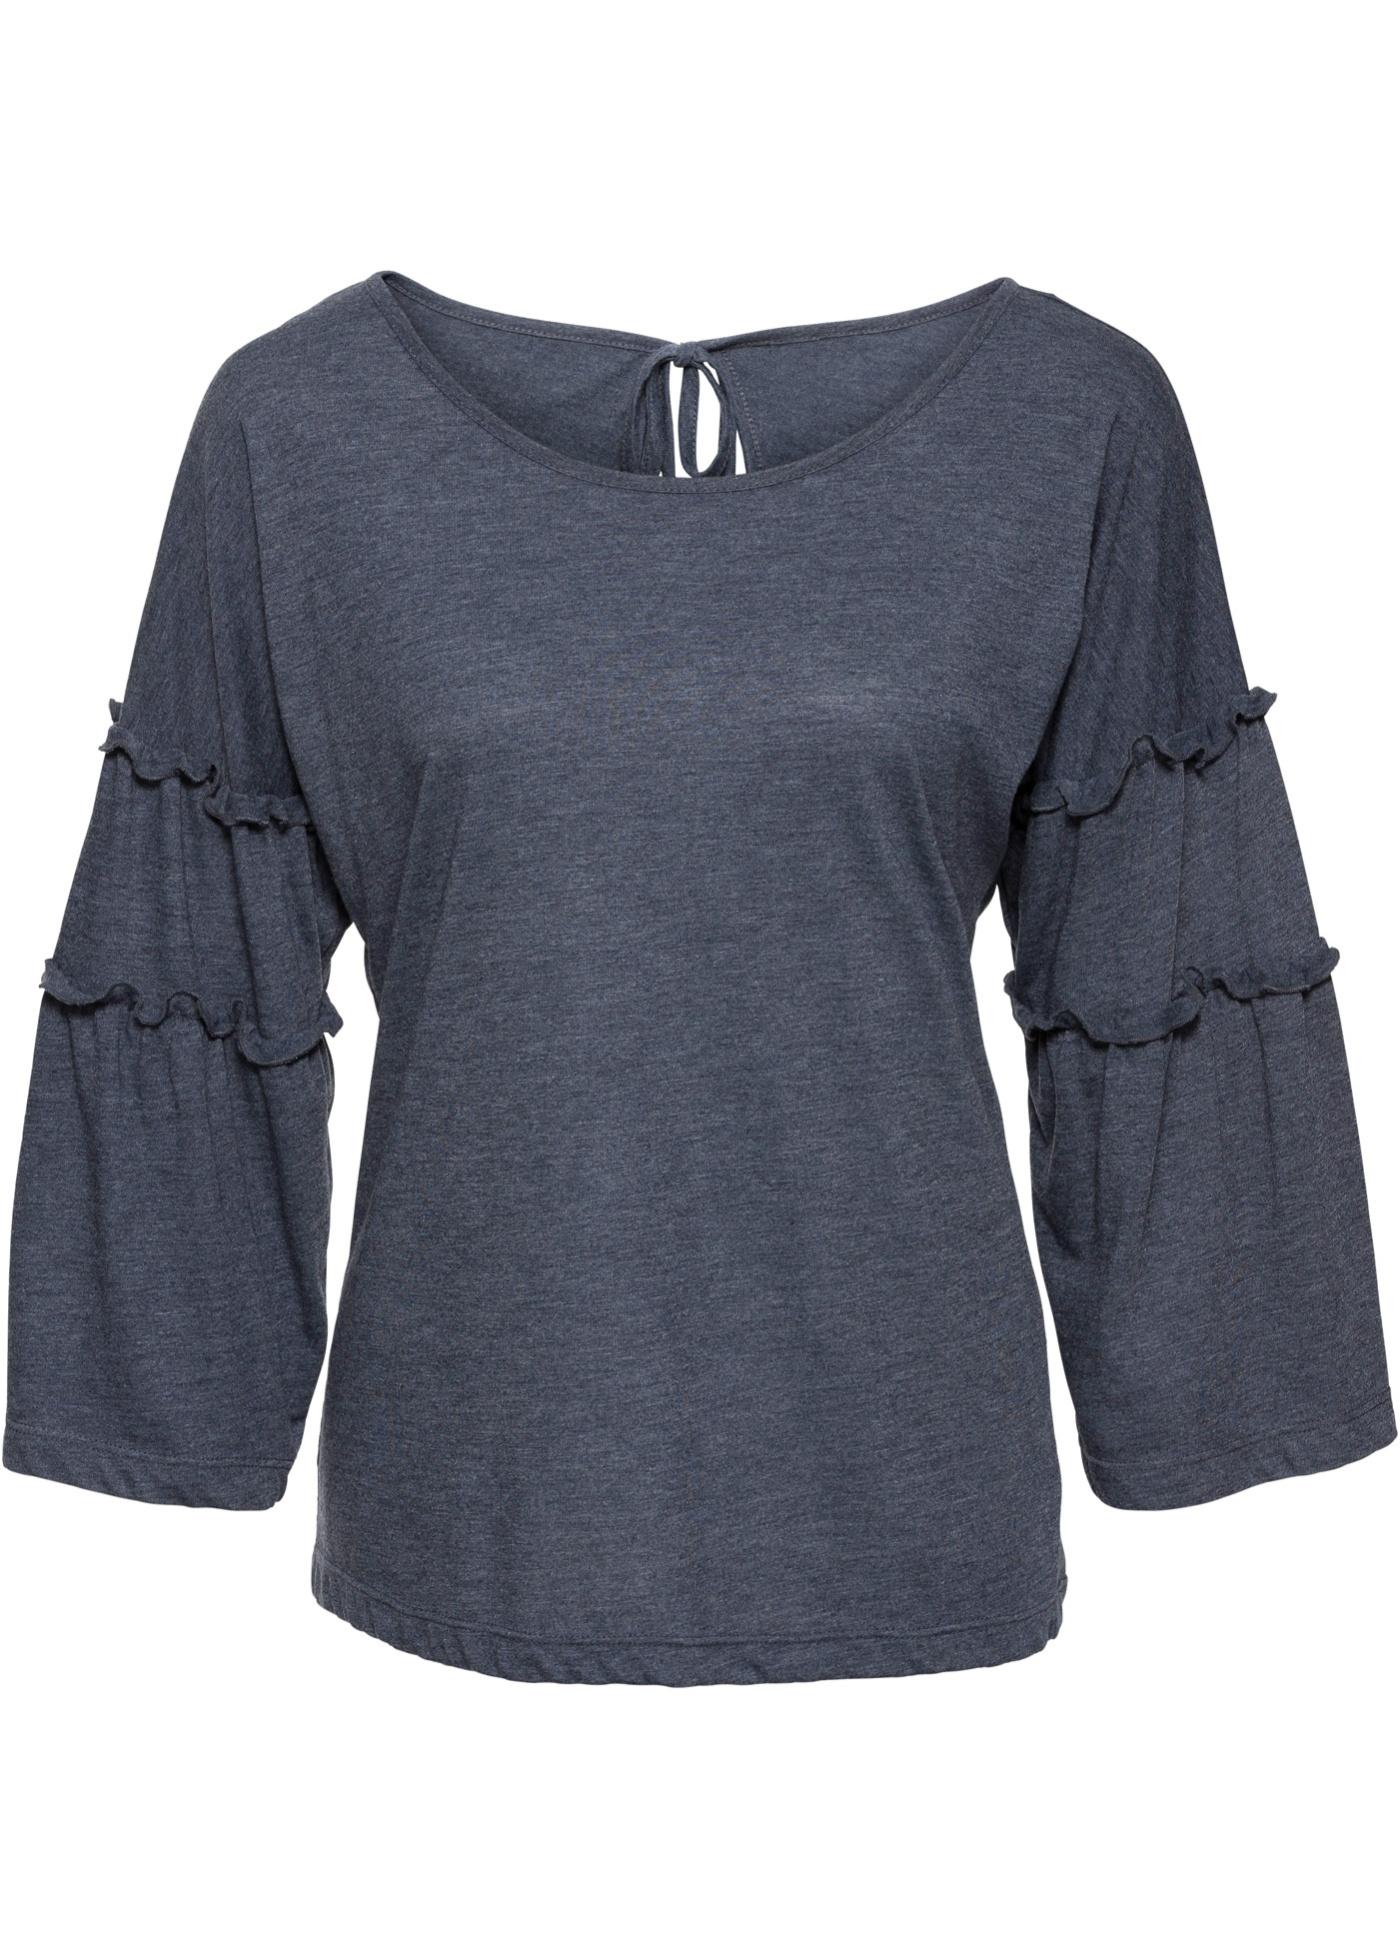 Shirt mit Volant-Ärmeln - broschei